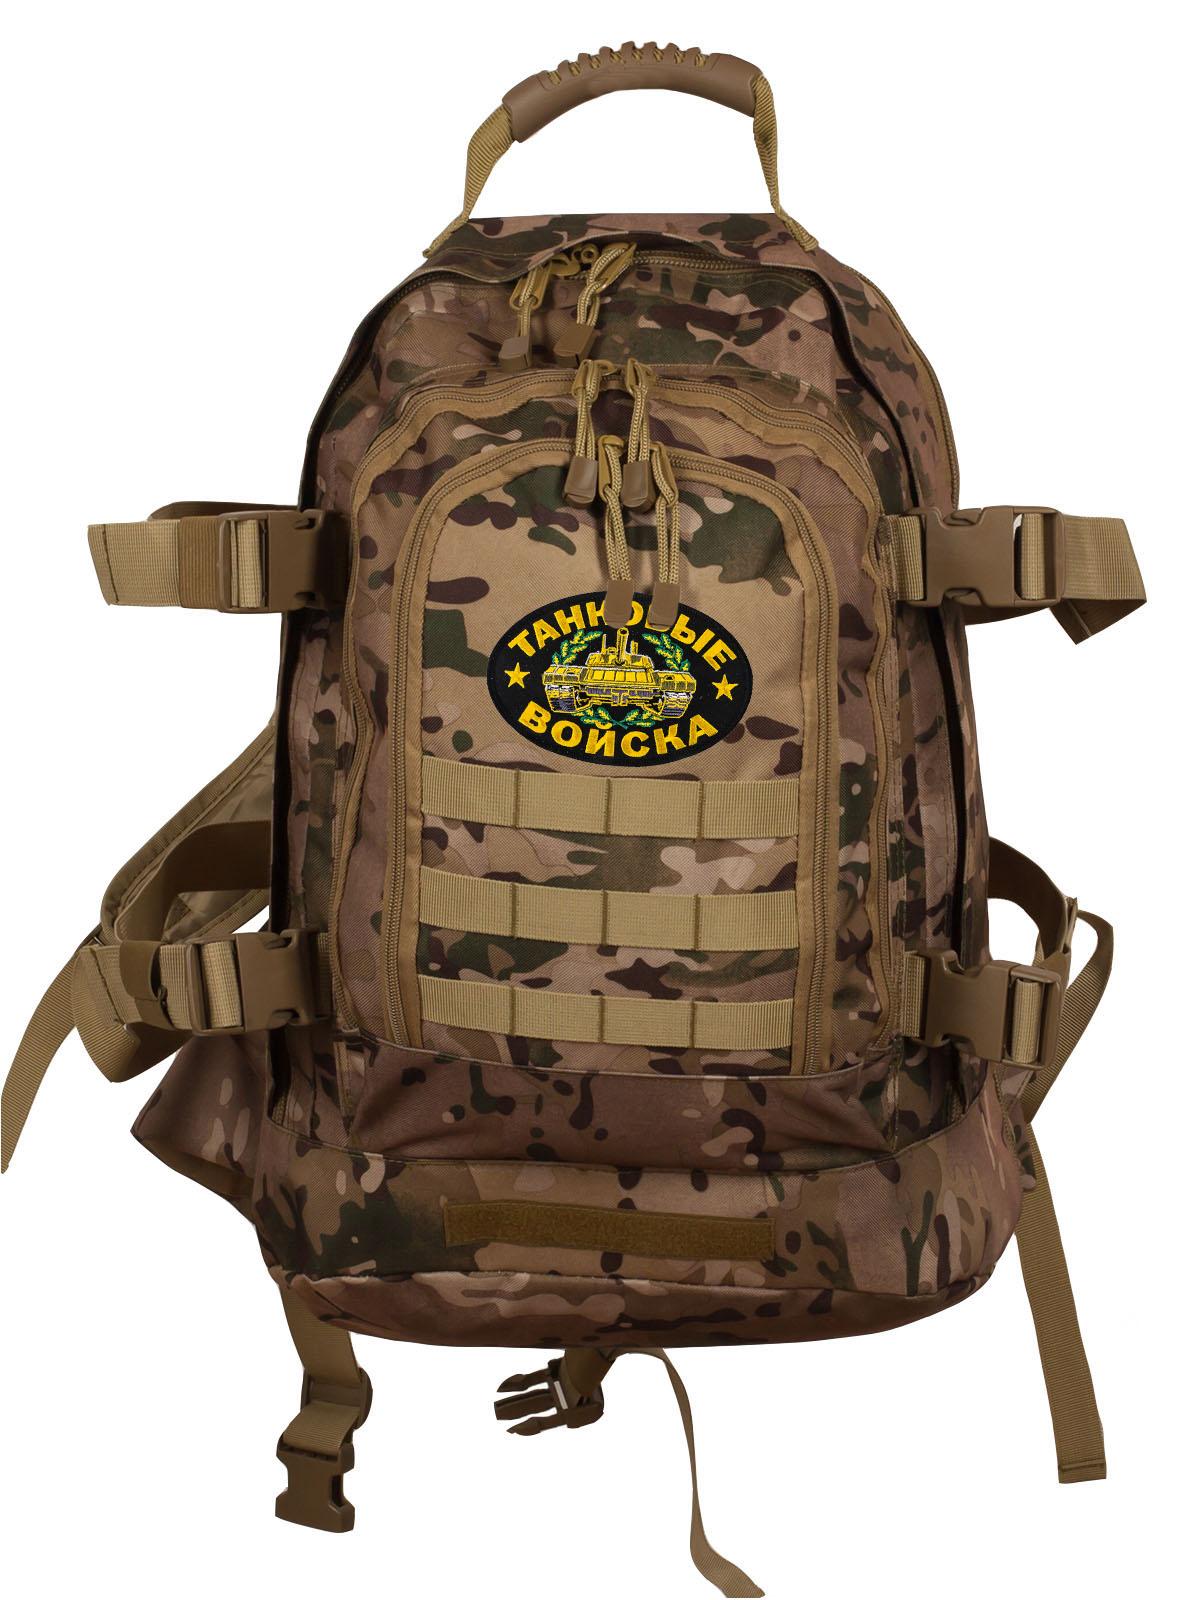 Удобный тактический рюкзак с нашивкой Танковые Войска - купить в подарок